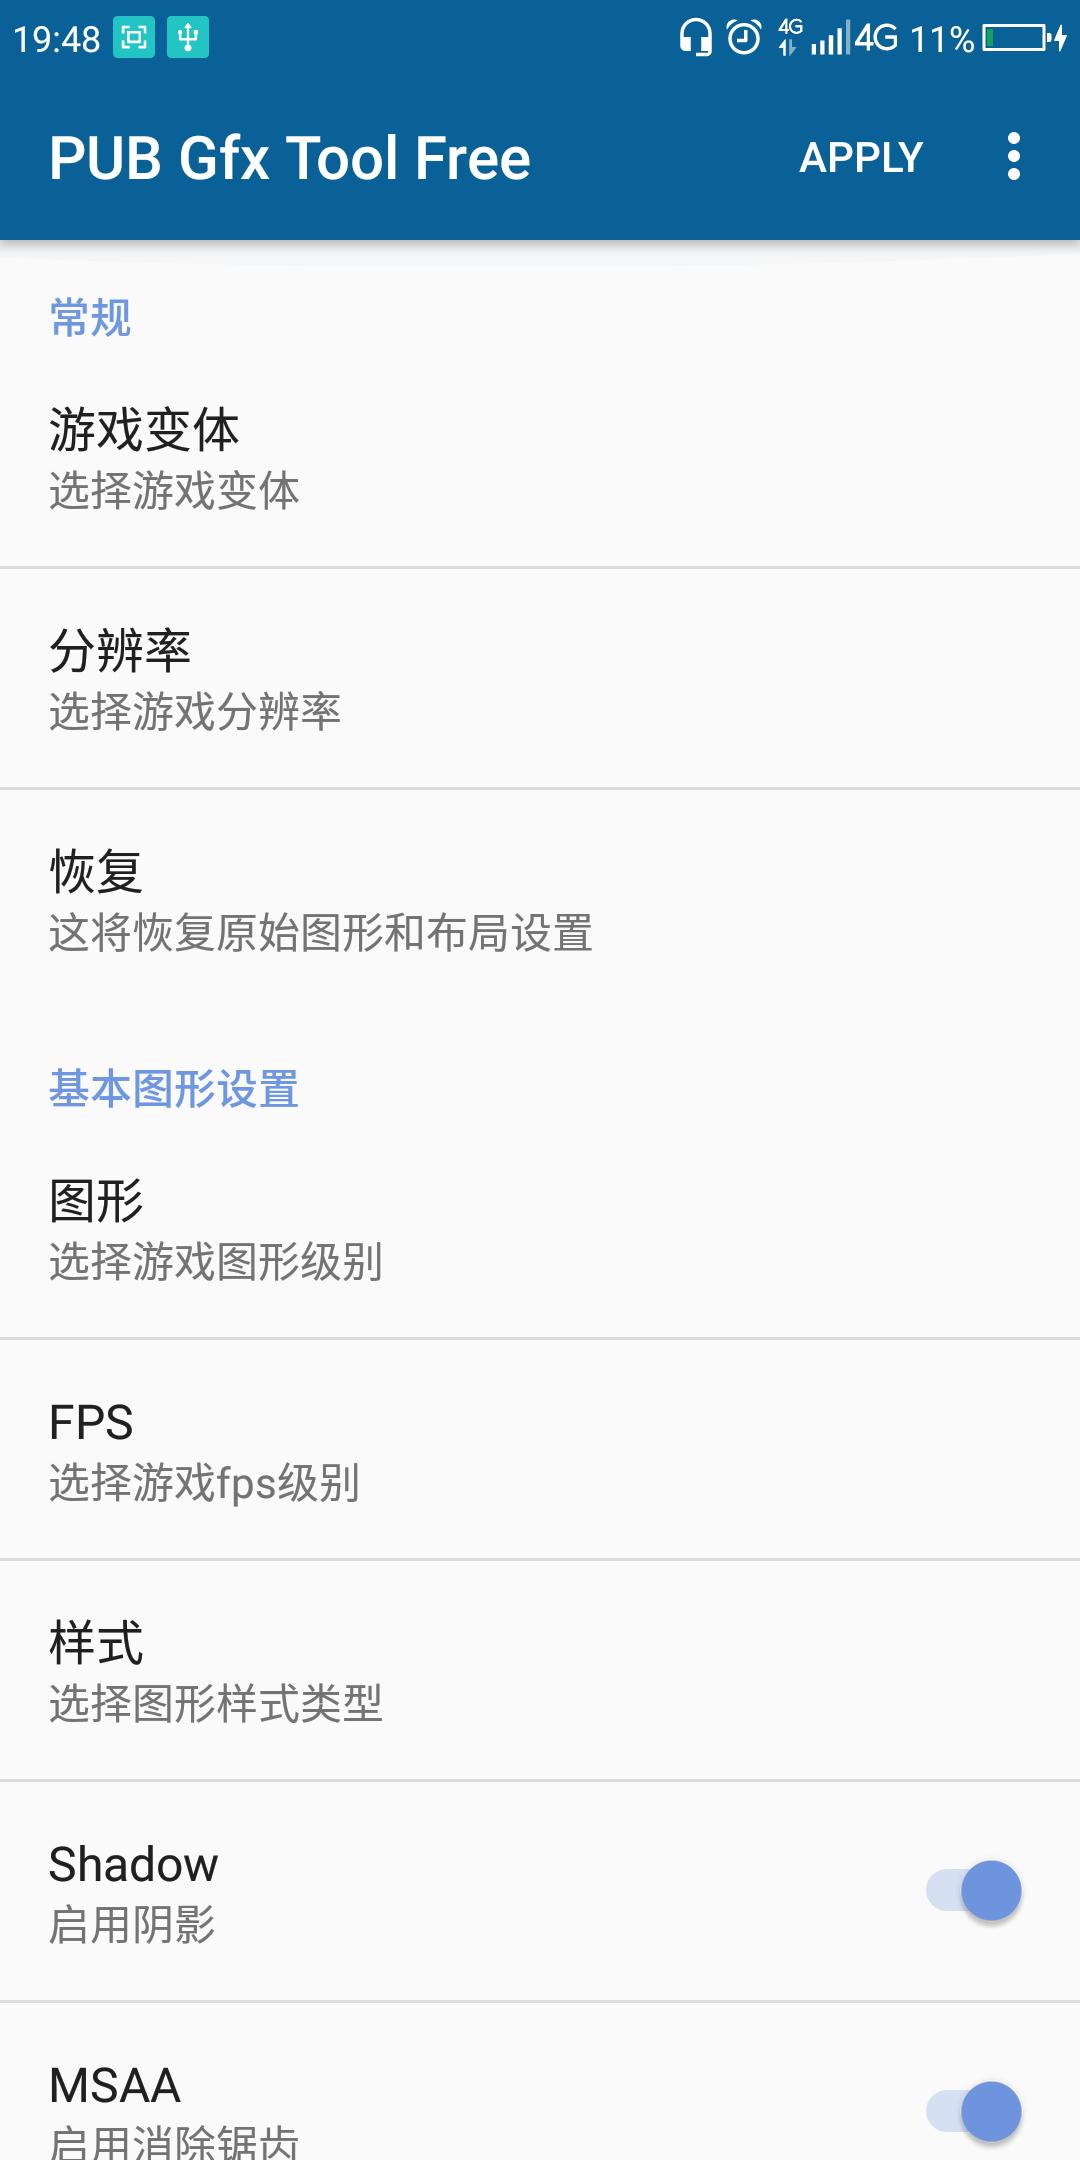 PUB Gfx Tool Free v0.15.1f截图